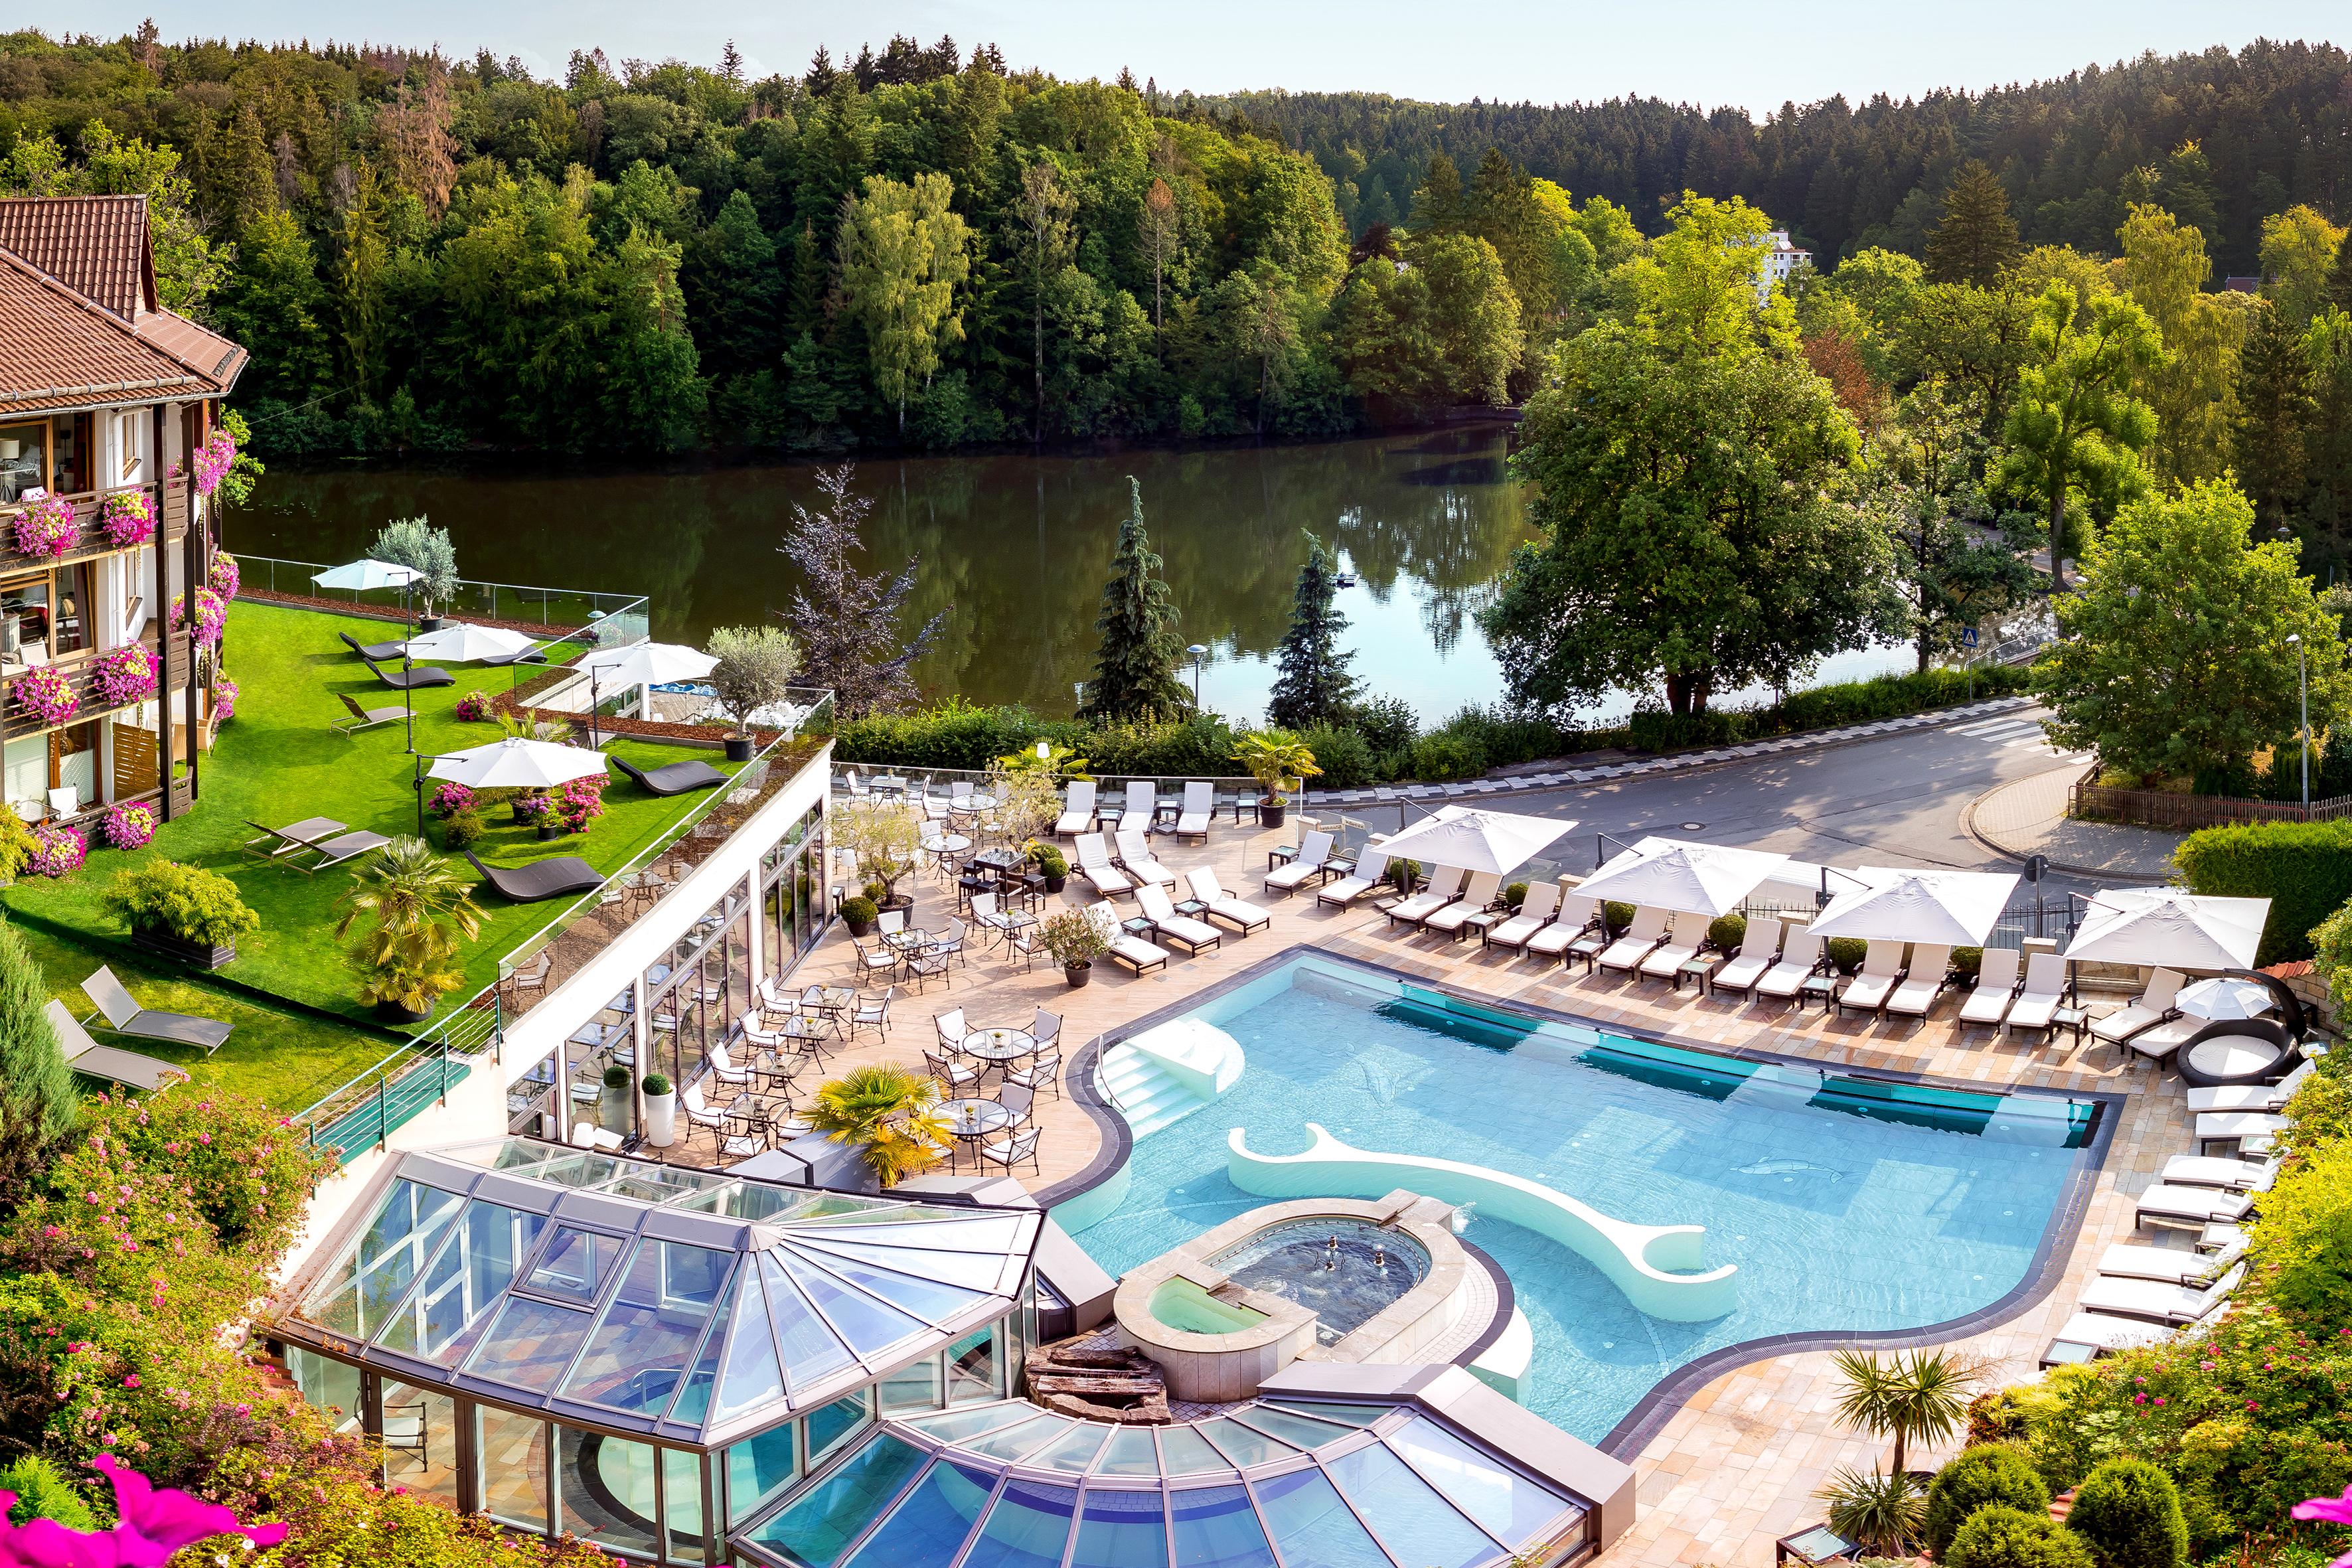 Romantischer Winkel - RoLigio & Wellness Resort - Pool von oben